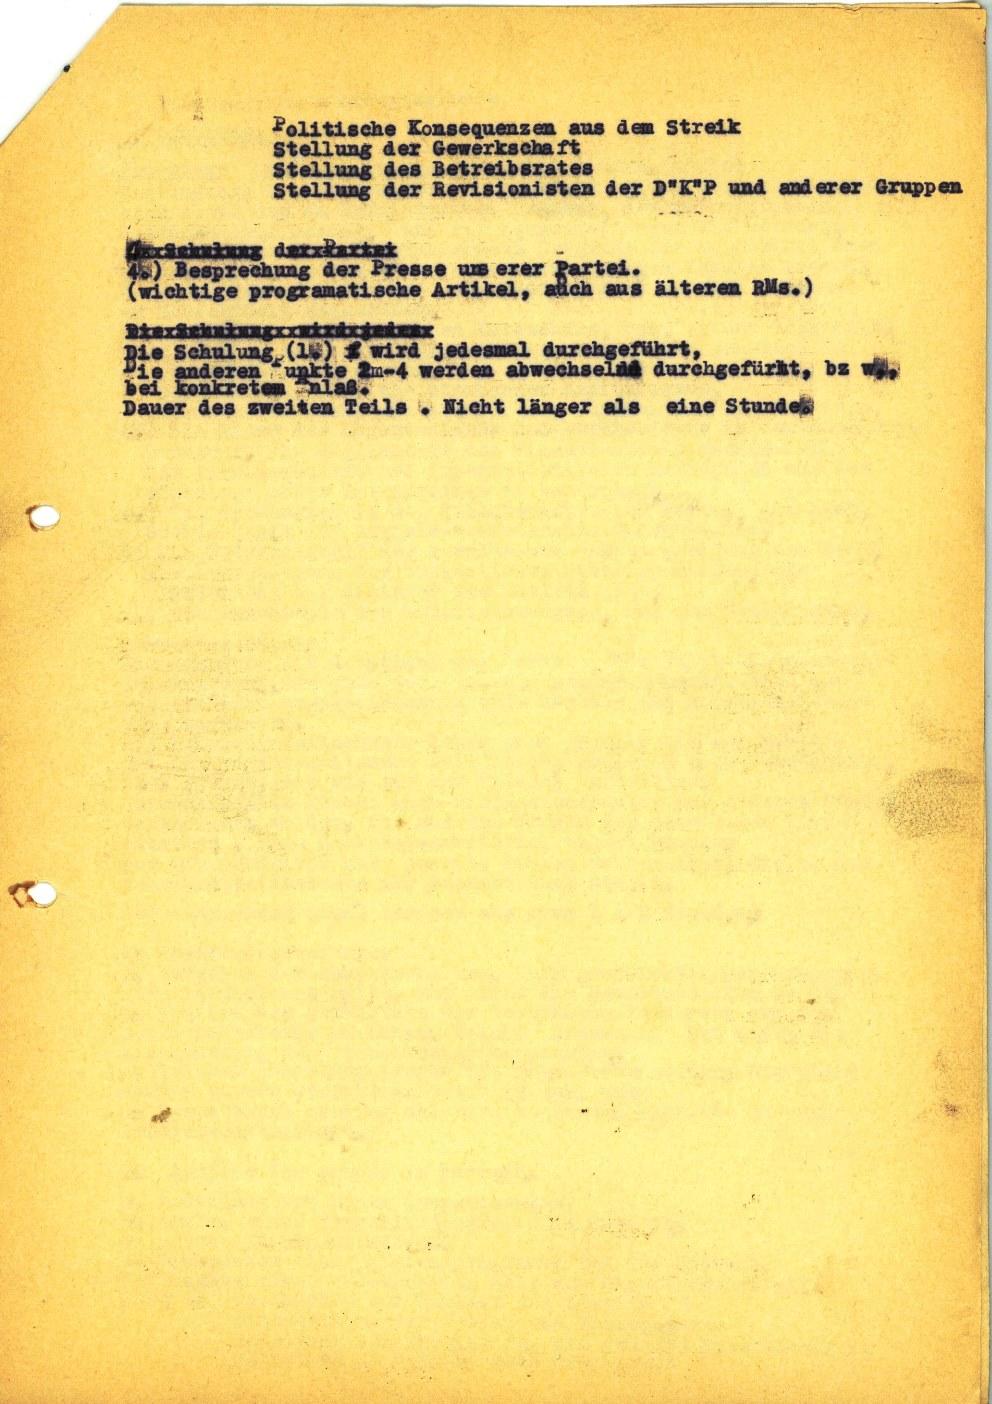 Arbeiterrunde_1973_03